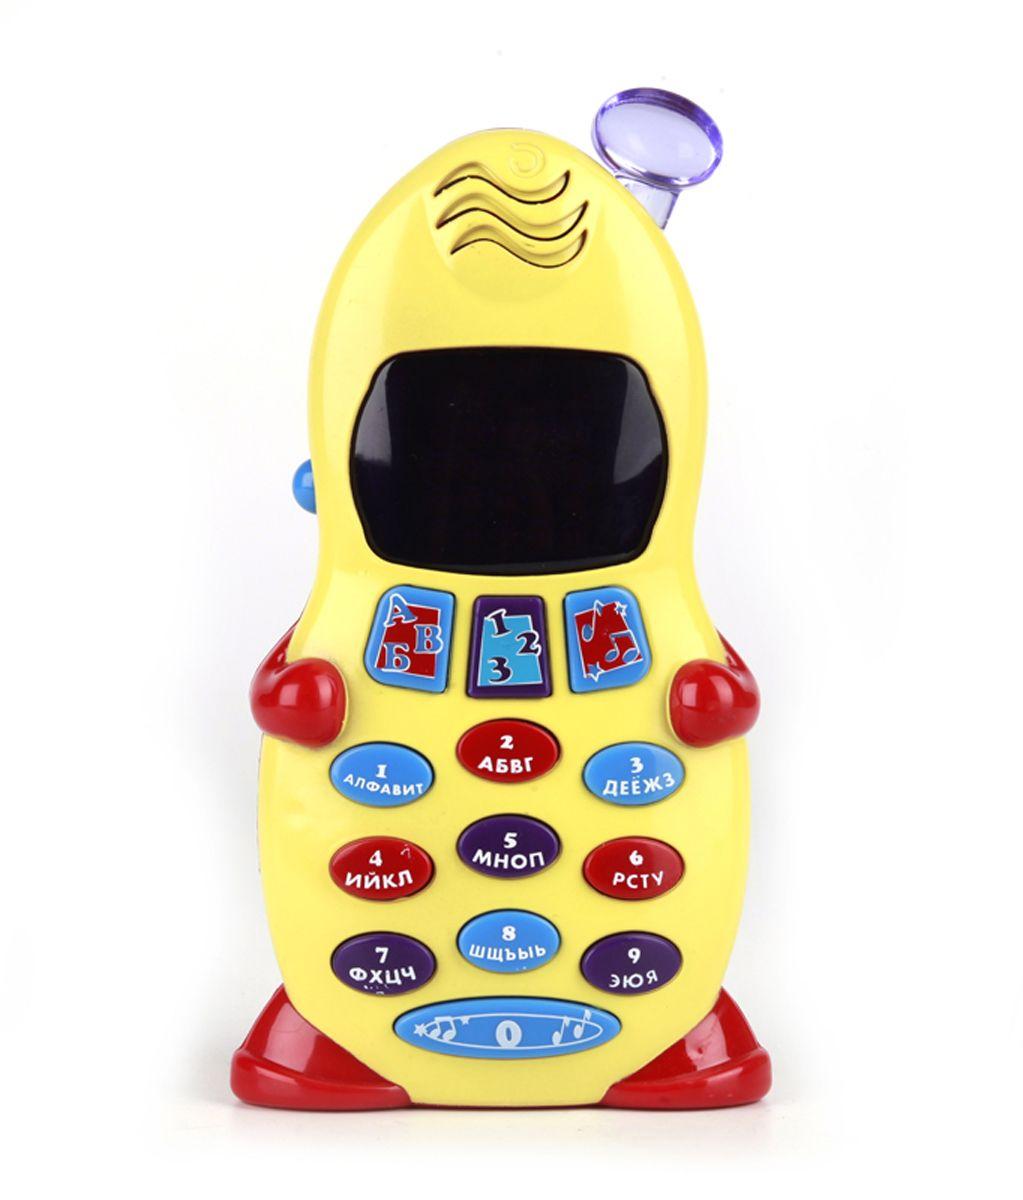 Умка Обучающий телефон Винни-пухB391566-R24 обучающие программы: Учим буквы от А до Я, Запоминаем цифры от 0 до 9, Изучаем последовательность букв в алфавите, Изучаем порядок цифр, 5 песенки из м/ф, Рингтоны и телефонные фразы